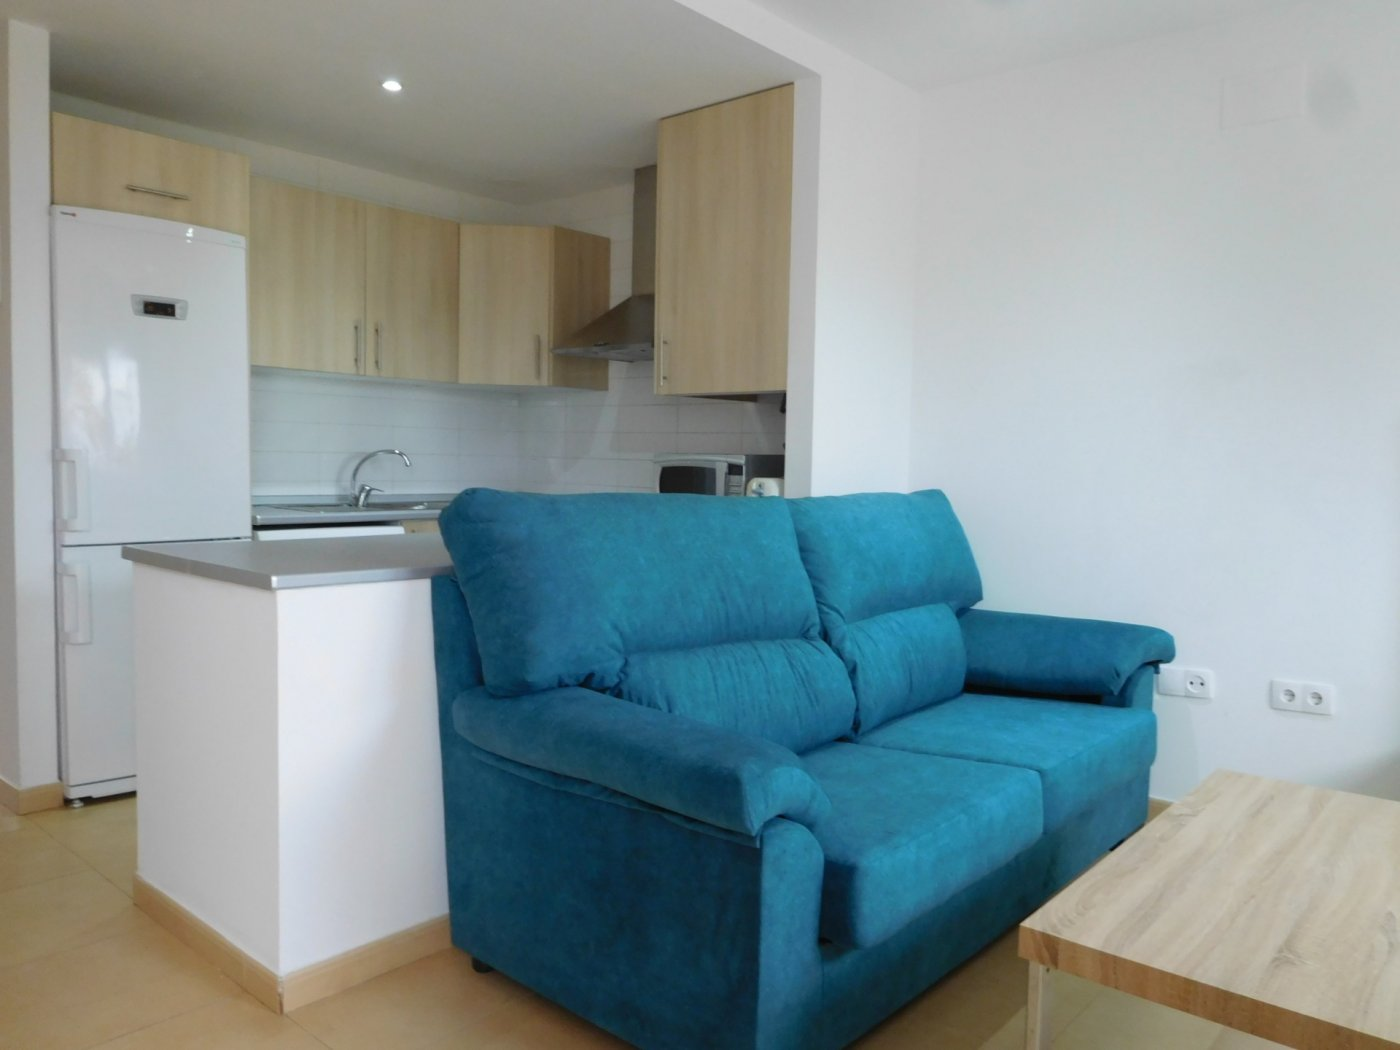 Image 4 Apartment ref 3265-2371 for rent in Condado De Alhama Spain - Quality Homes Costa Cálida